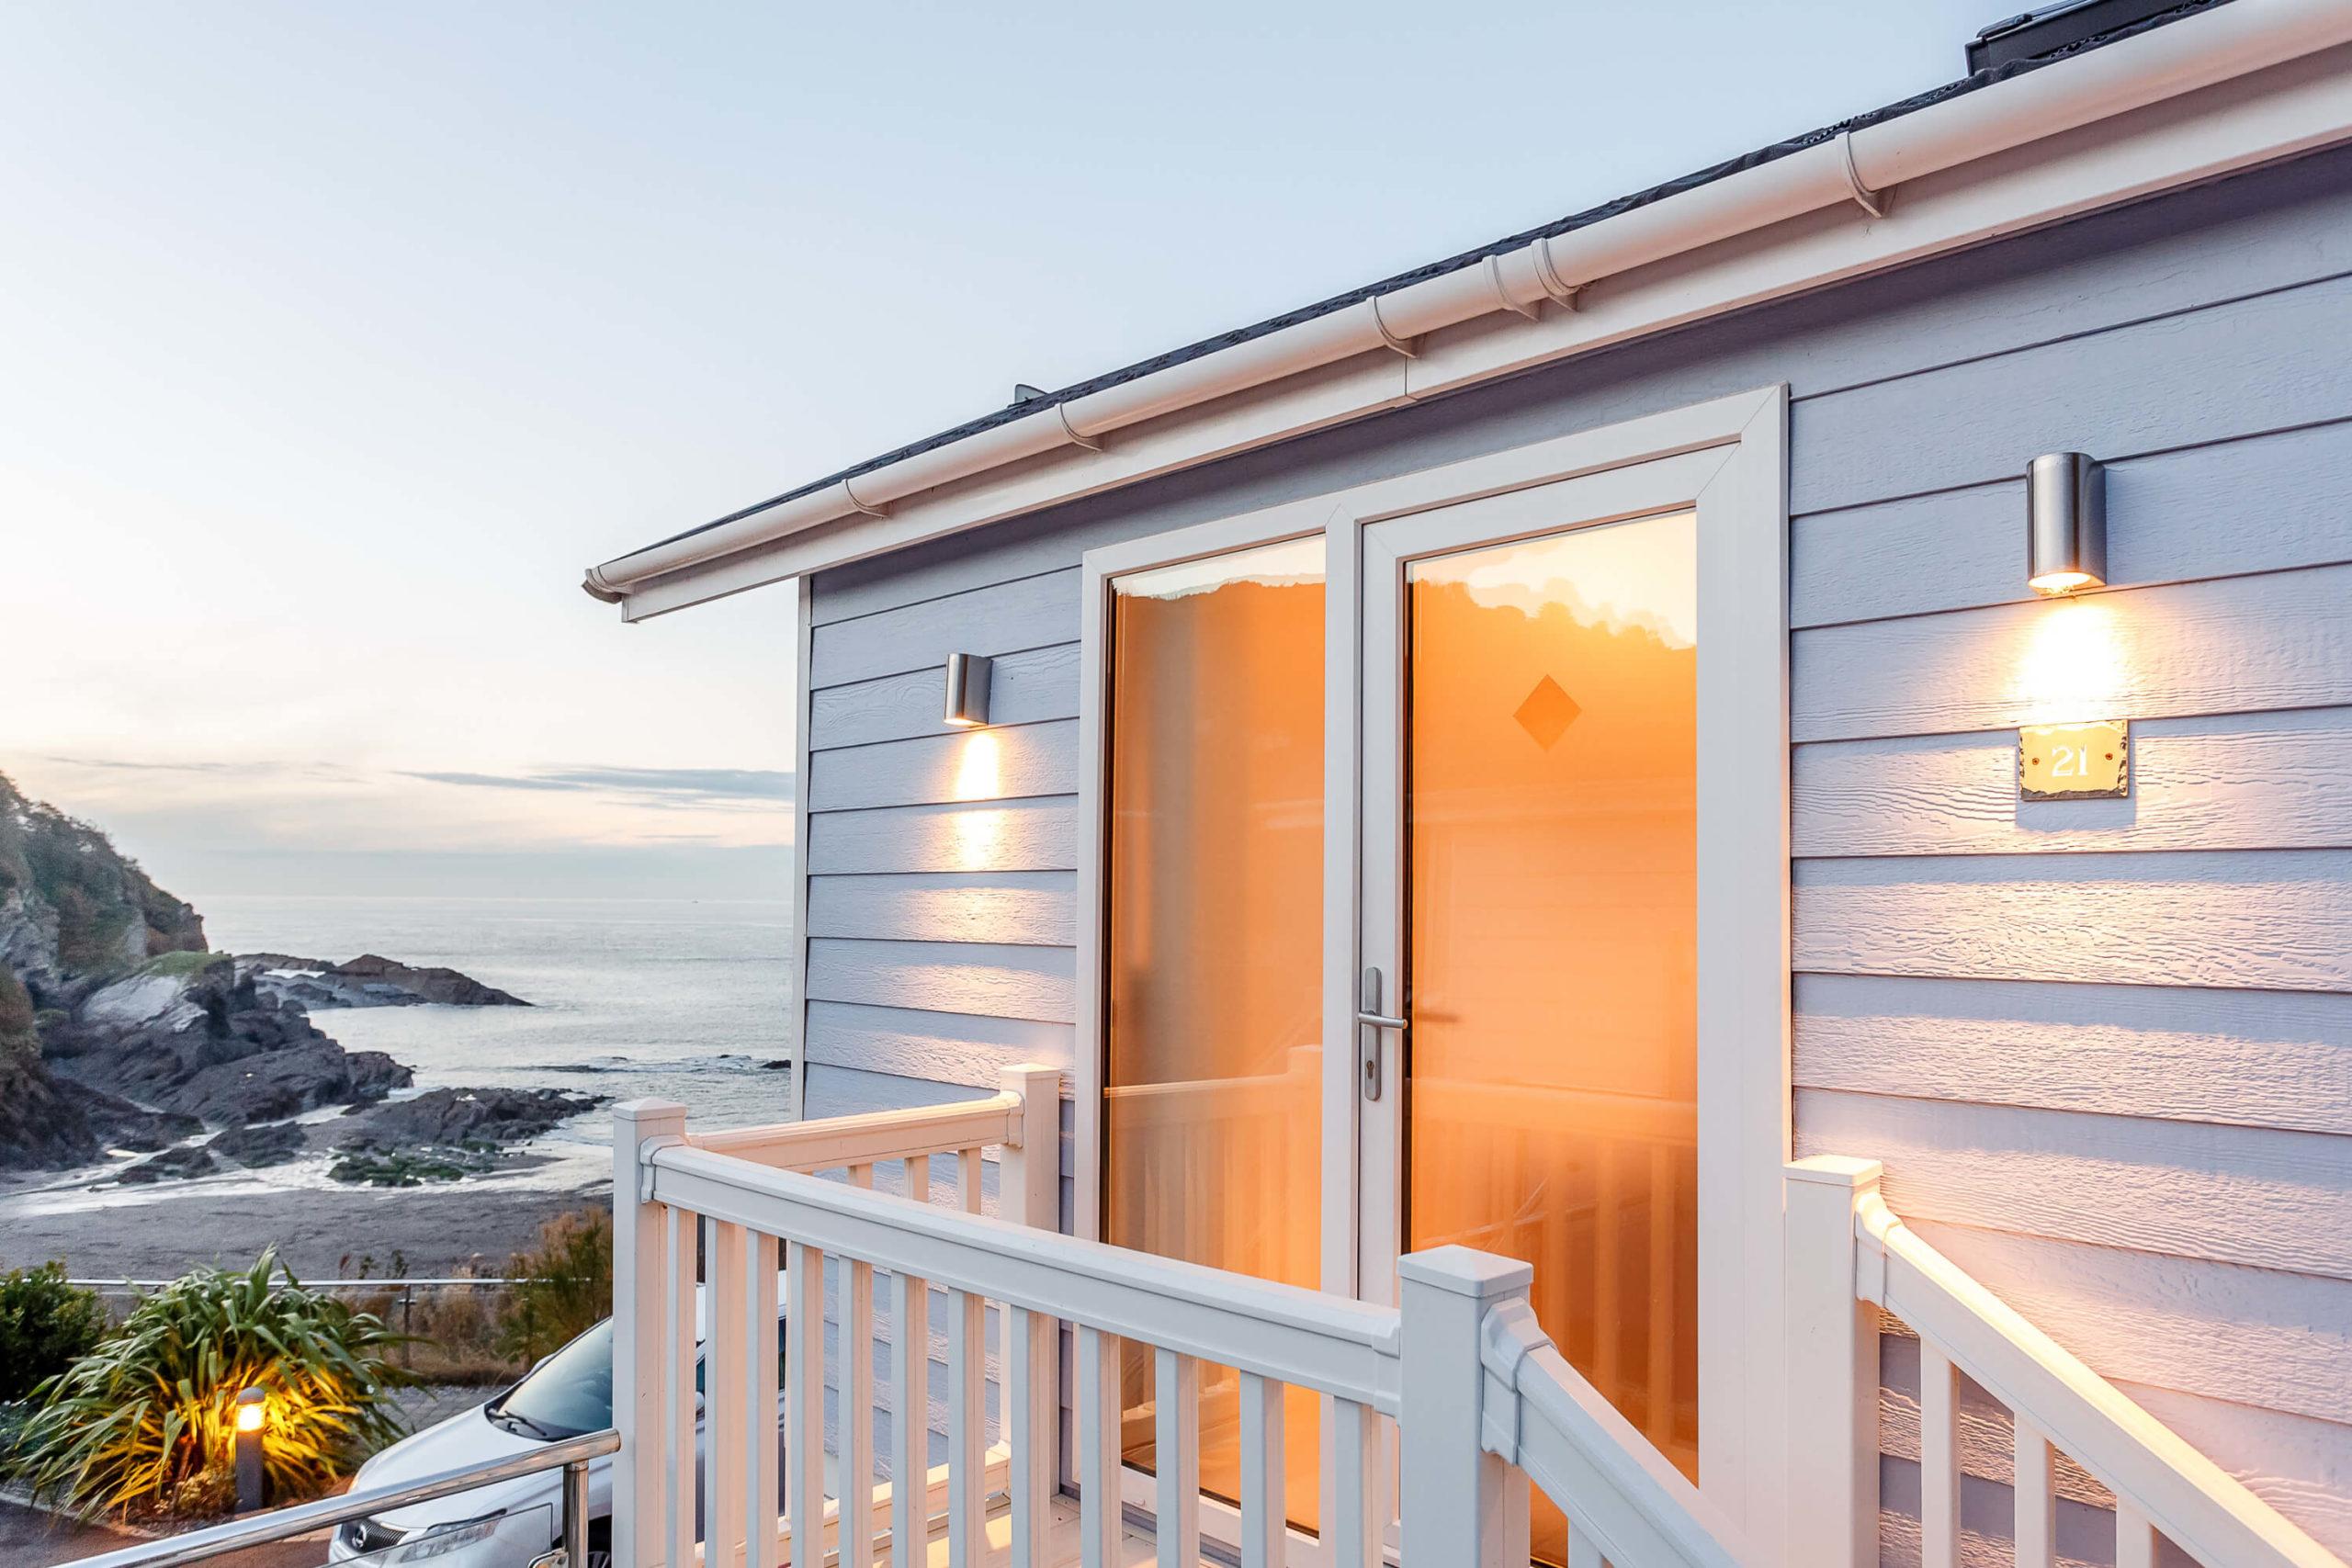 Exterior shot of a beach hut